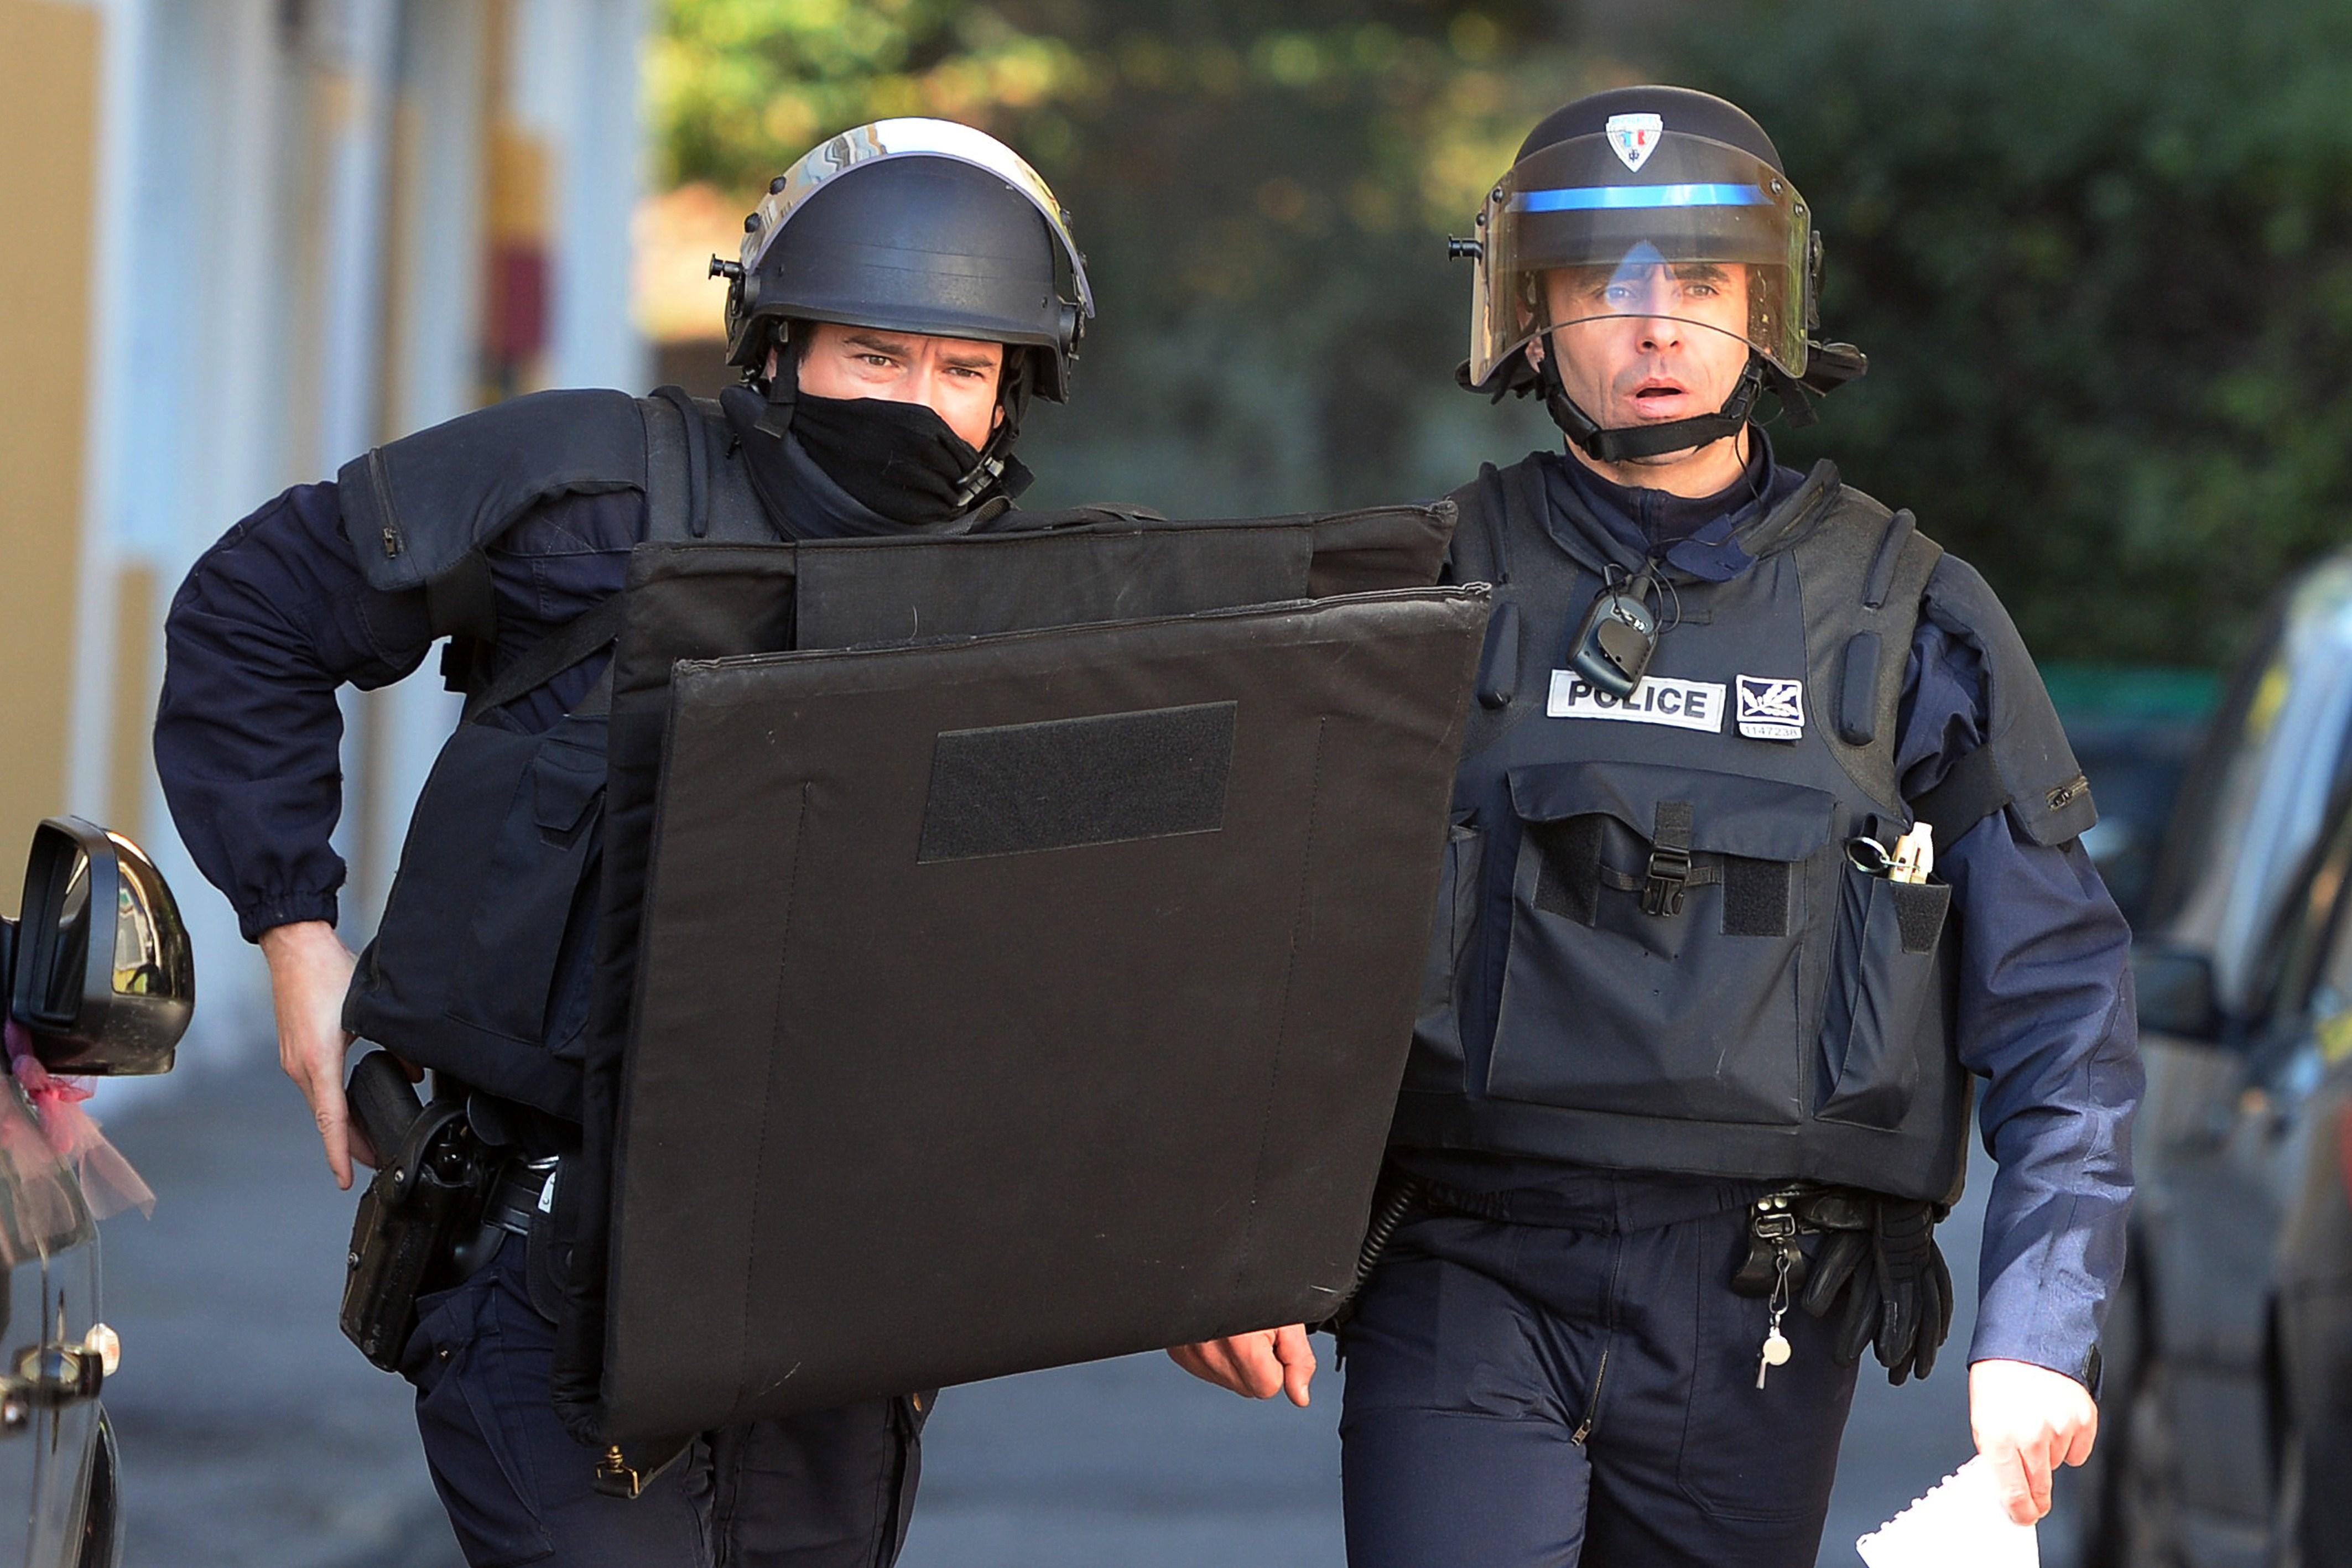 فرنسا: خطط وتدابير أمنيه لمكافحة التطرف